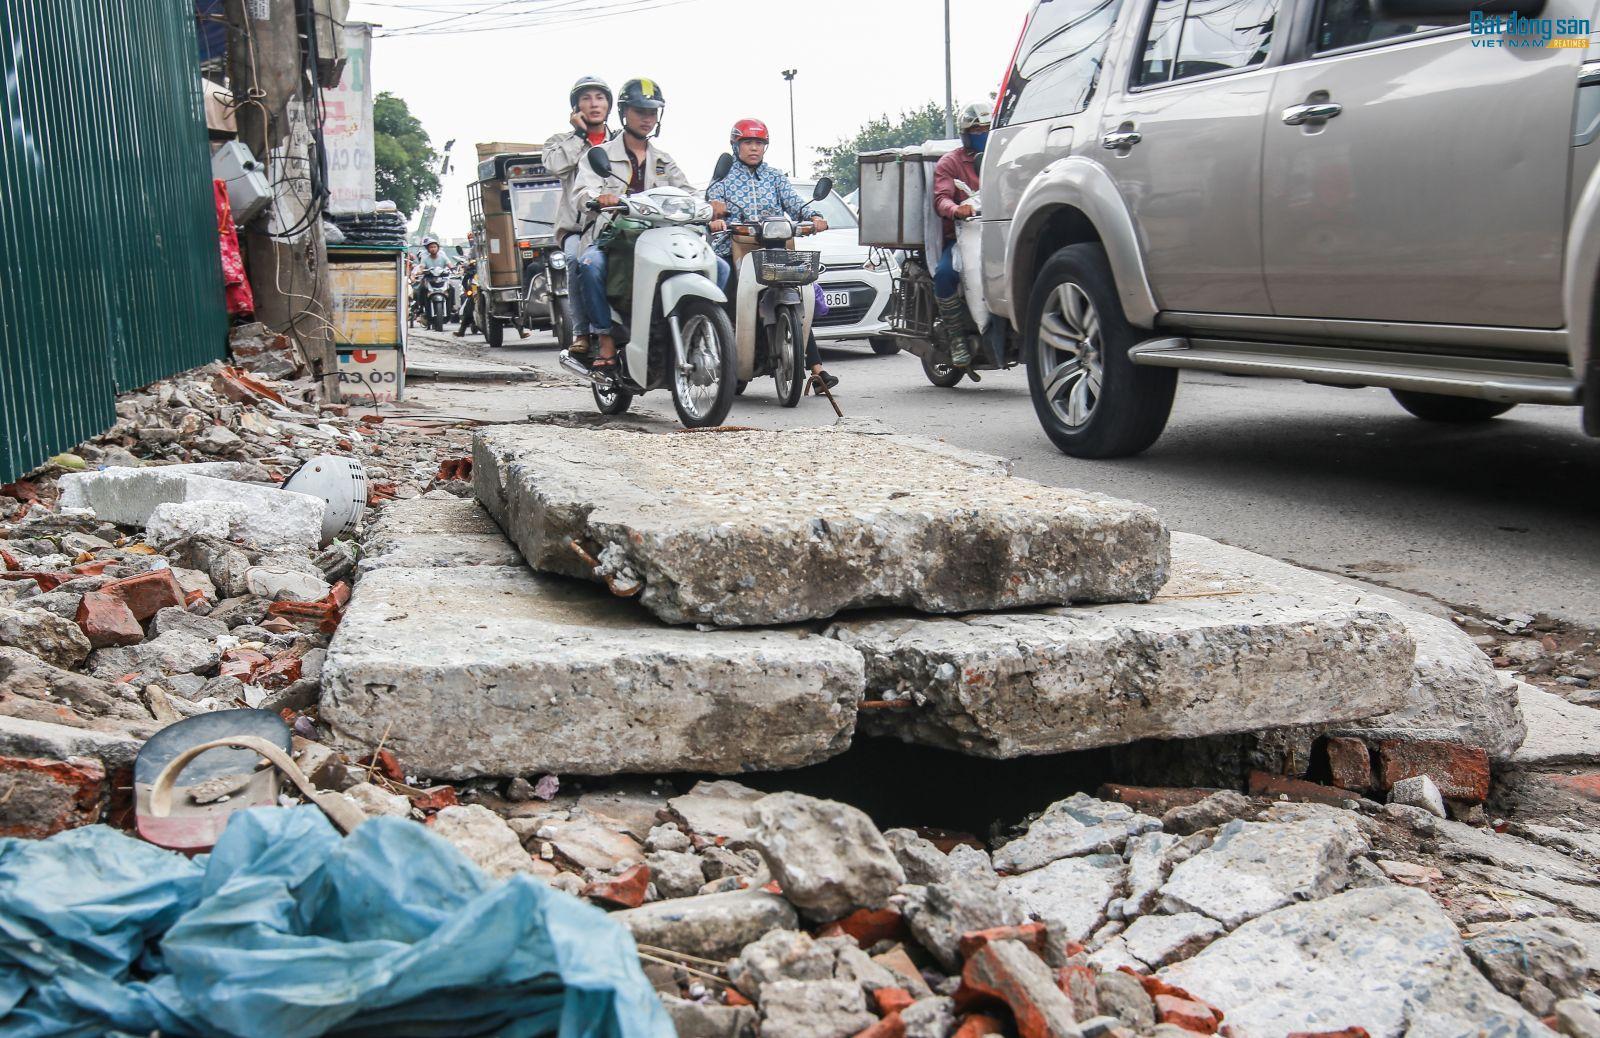 Gạch, đá, nắp cống,...ngổn ngang gây nguy hiểm cho người tham gia giao thông